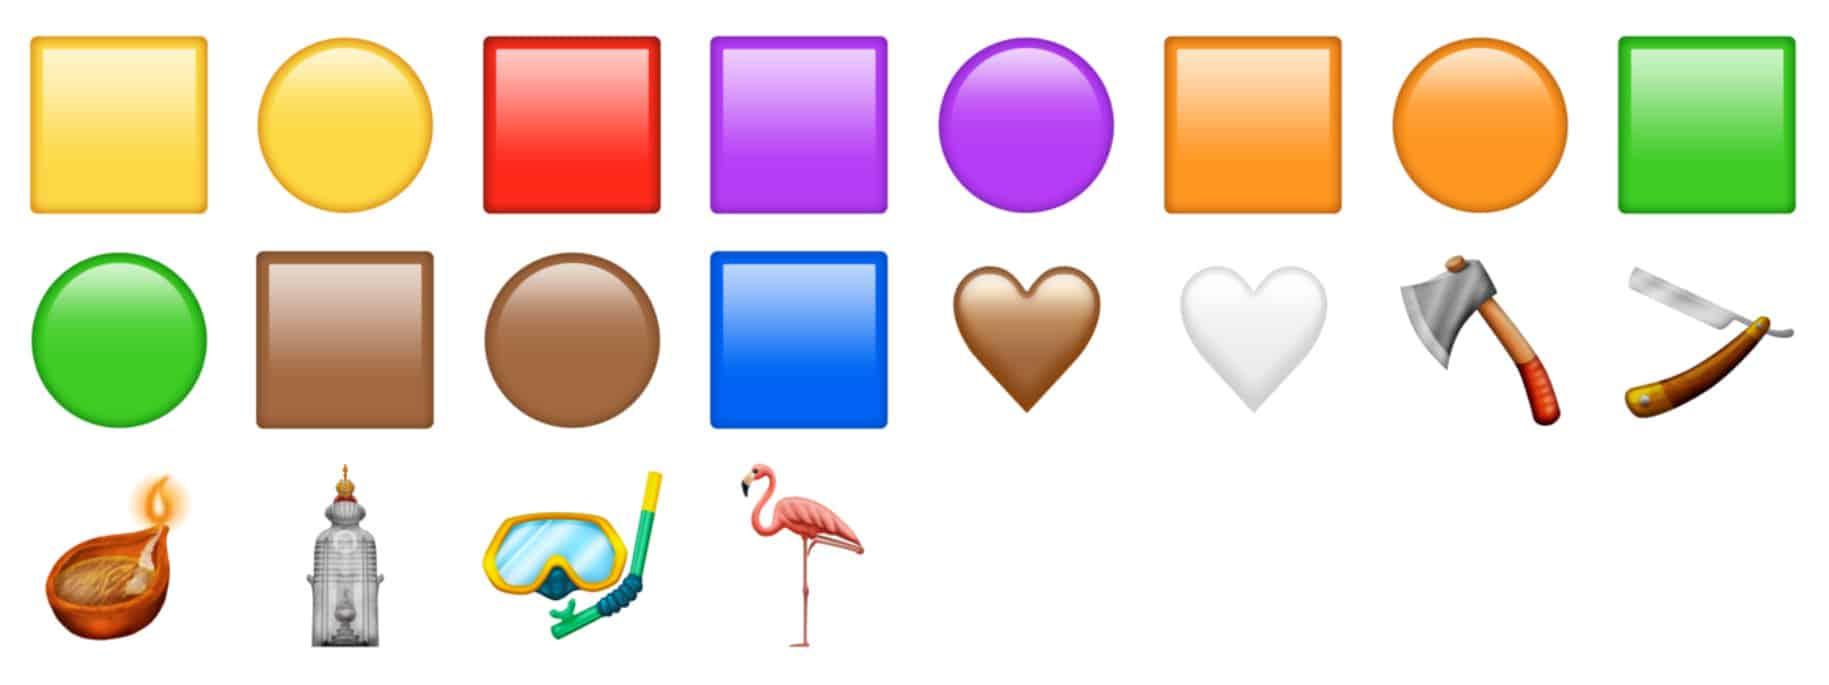 emoji for 2019